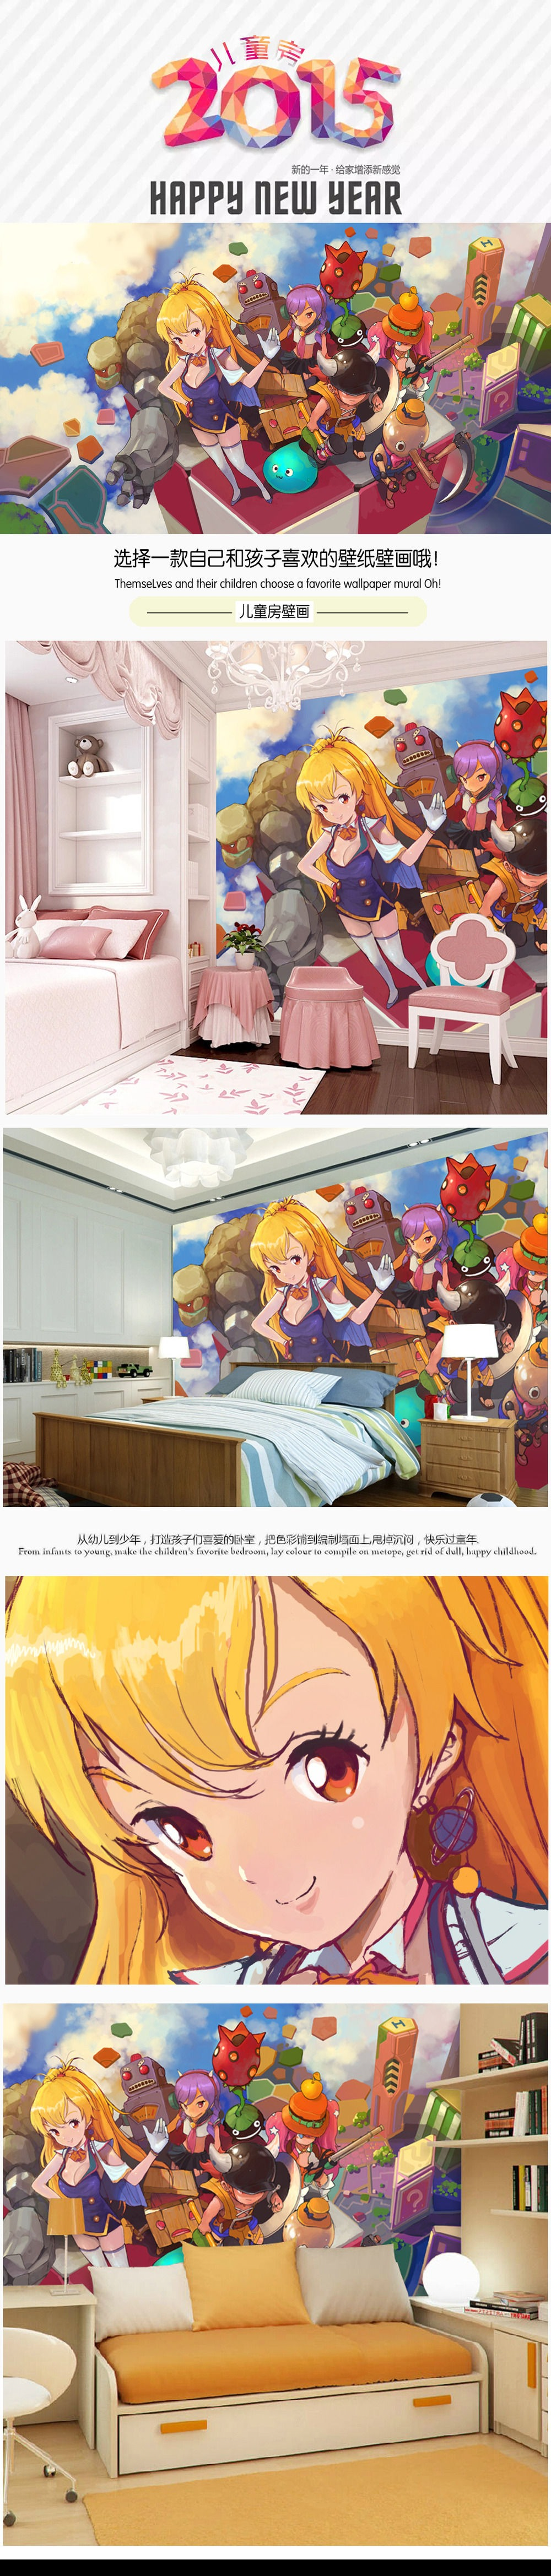 童话世界动漫人物手绘儿童房壁画